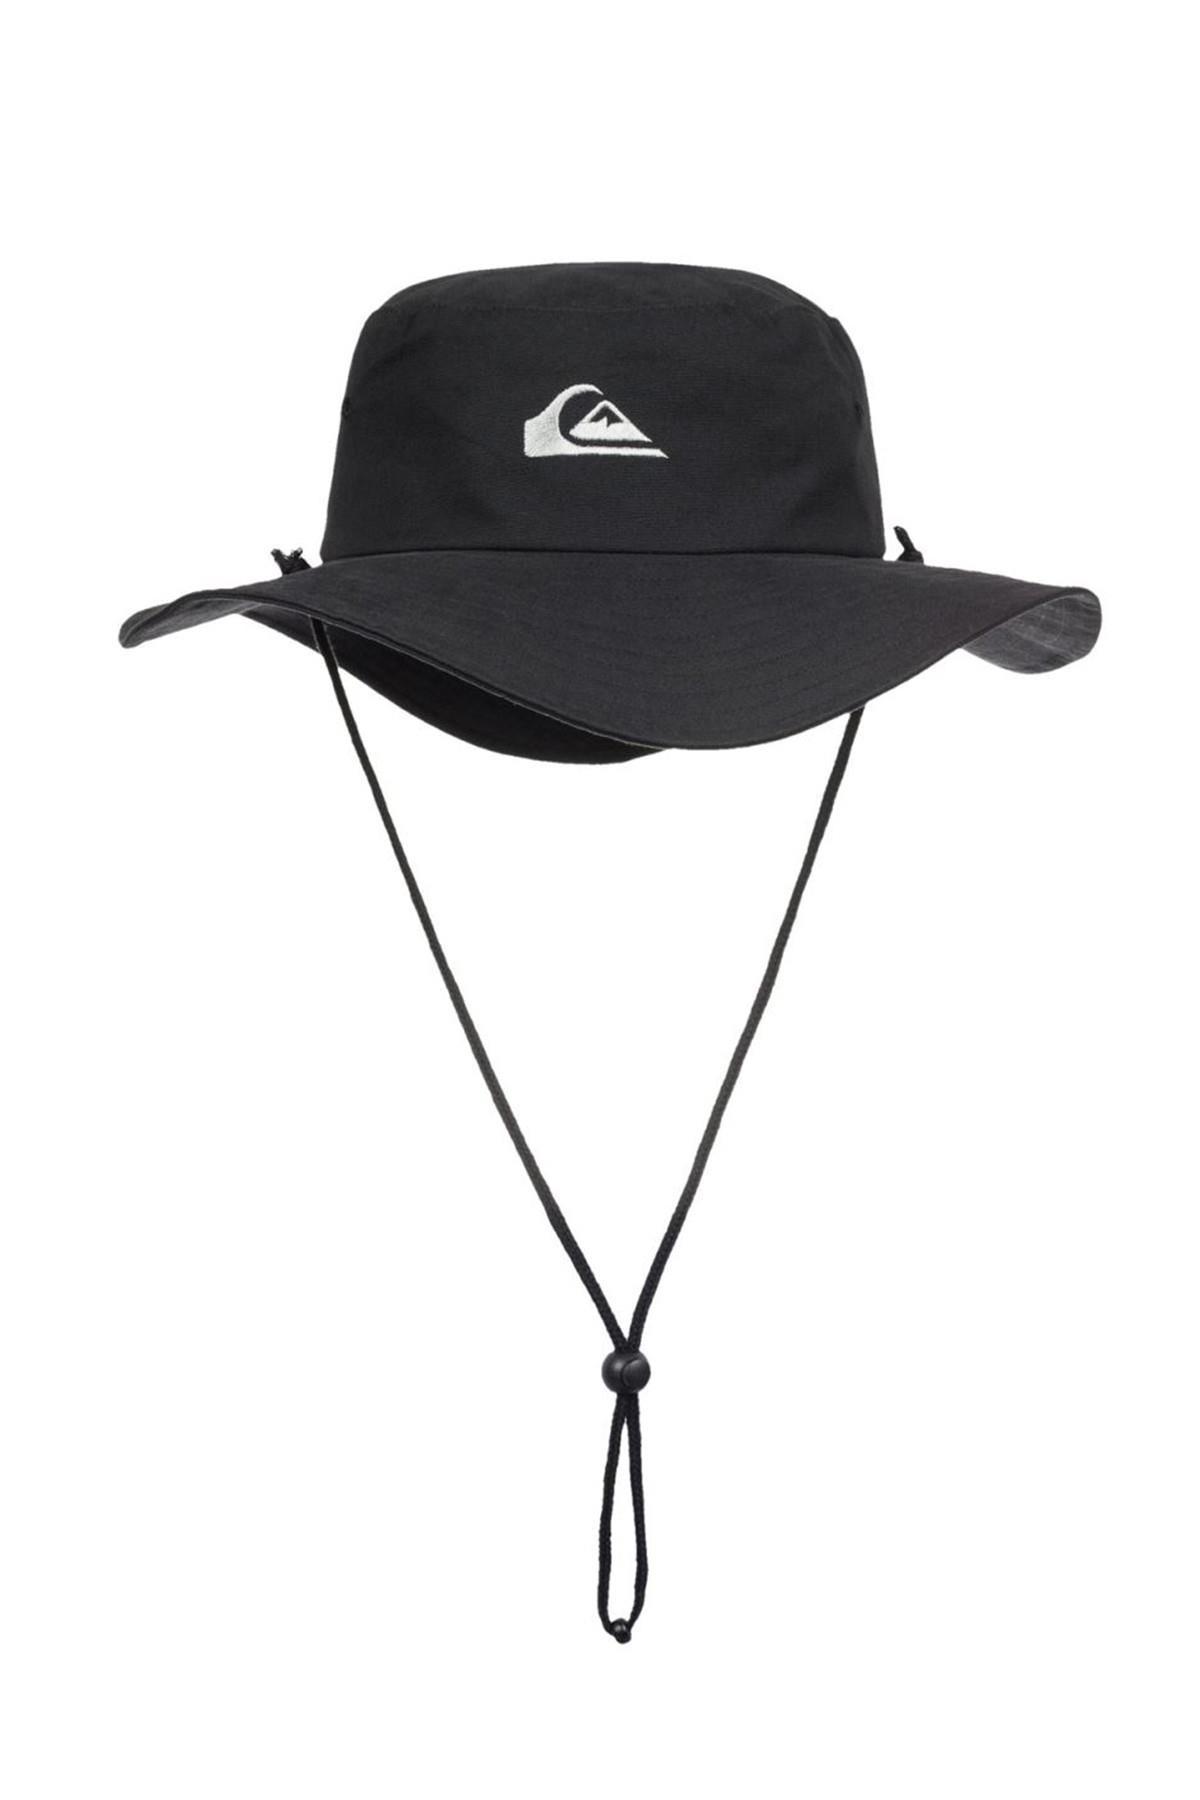 Quiksilver Bushmaster M Hats Cap - Sapka Qkaqyha03314